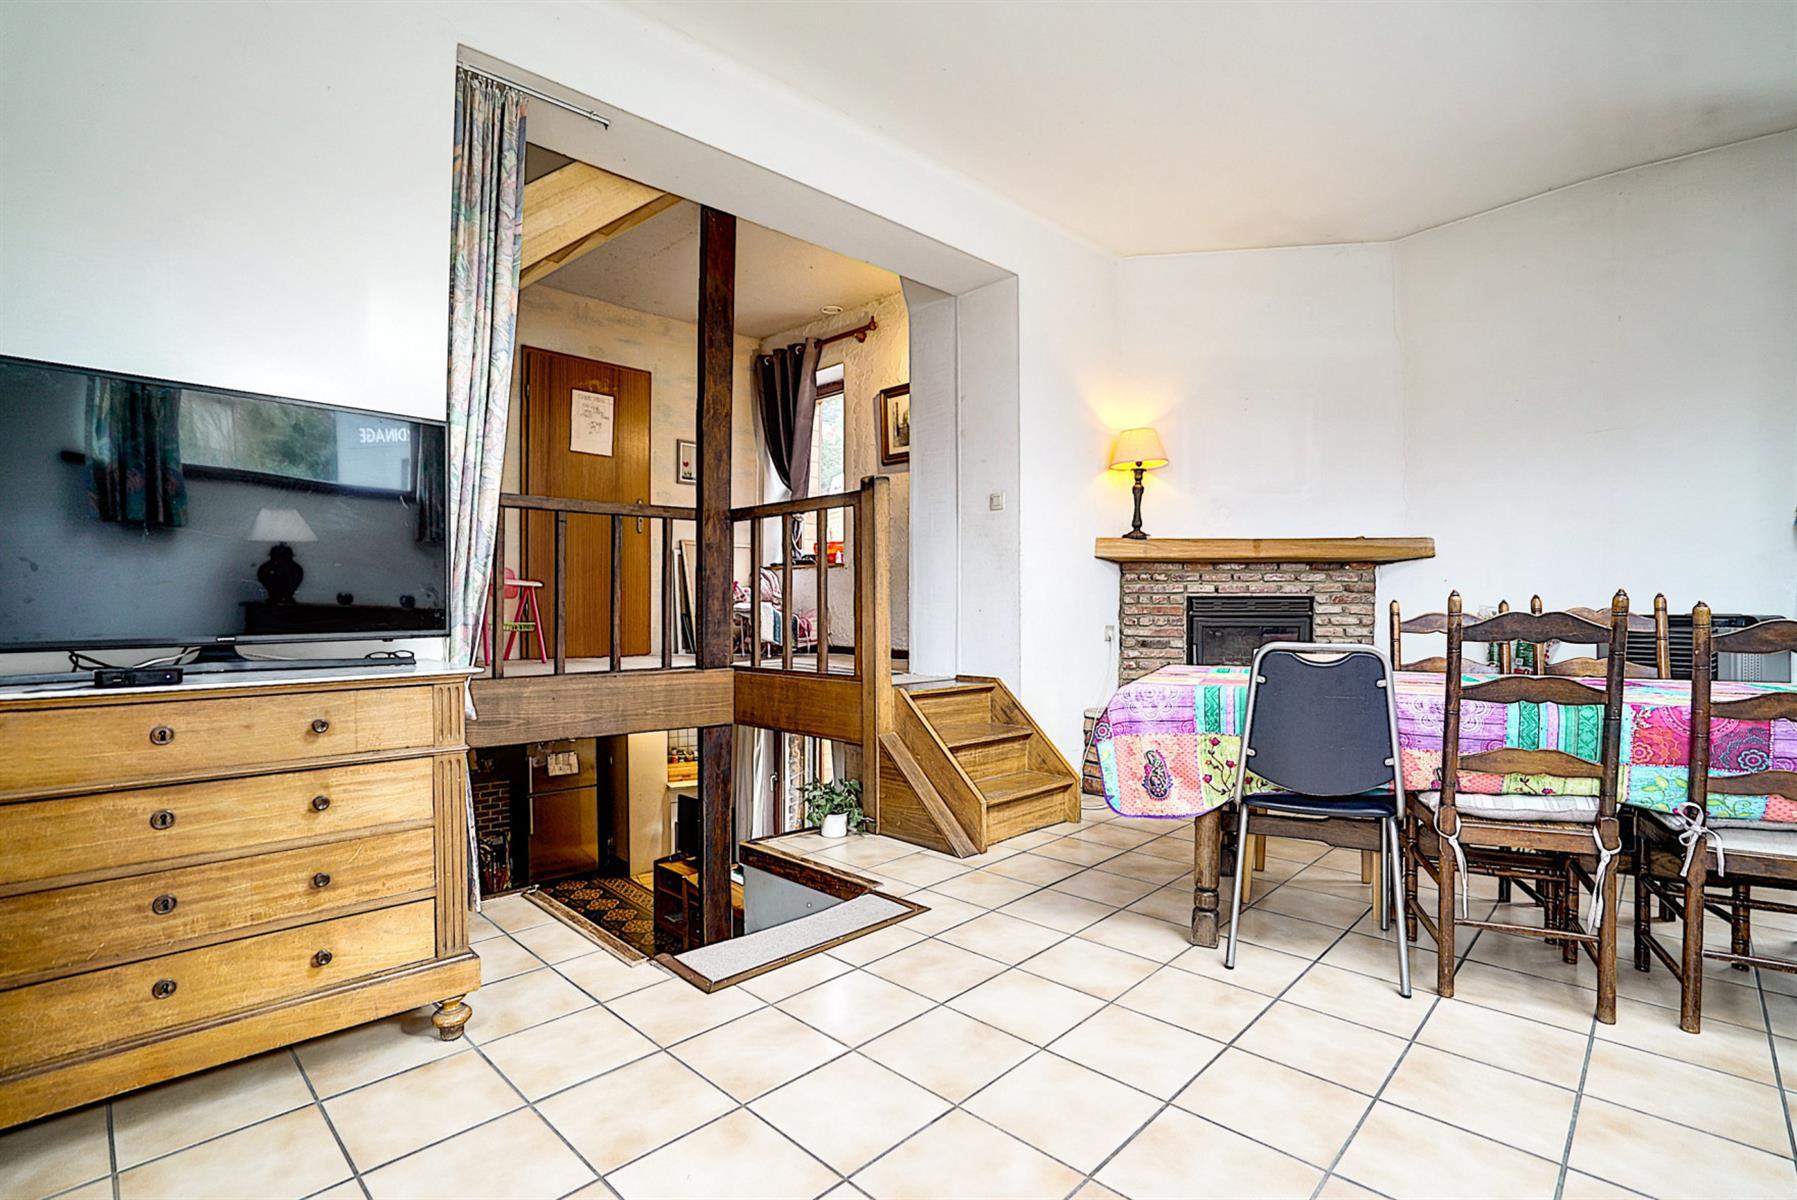 Maison - Grez-doiceau - #4288796-8